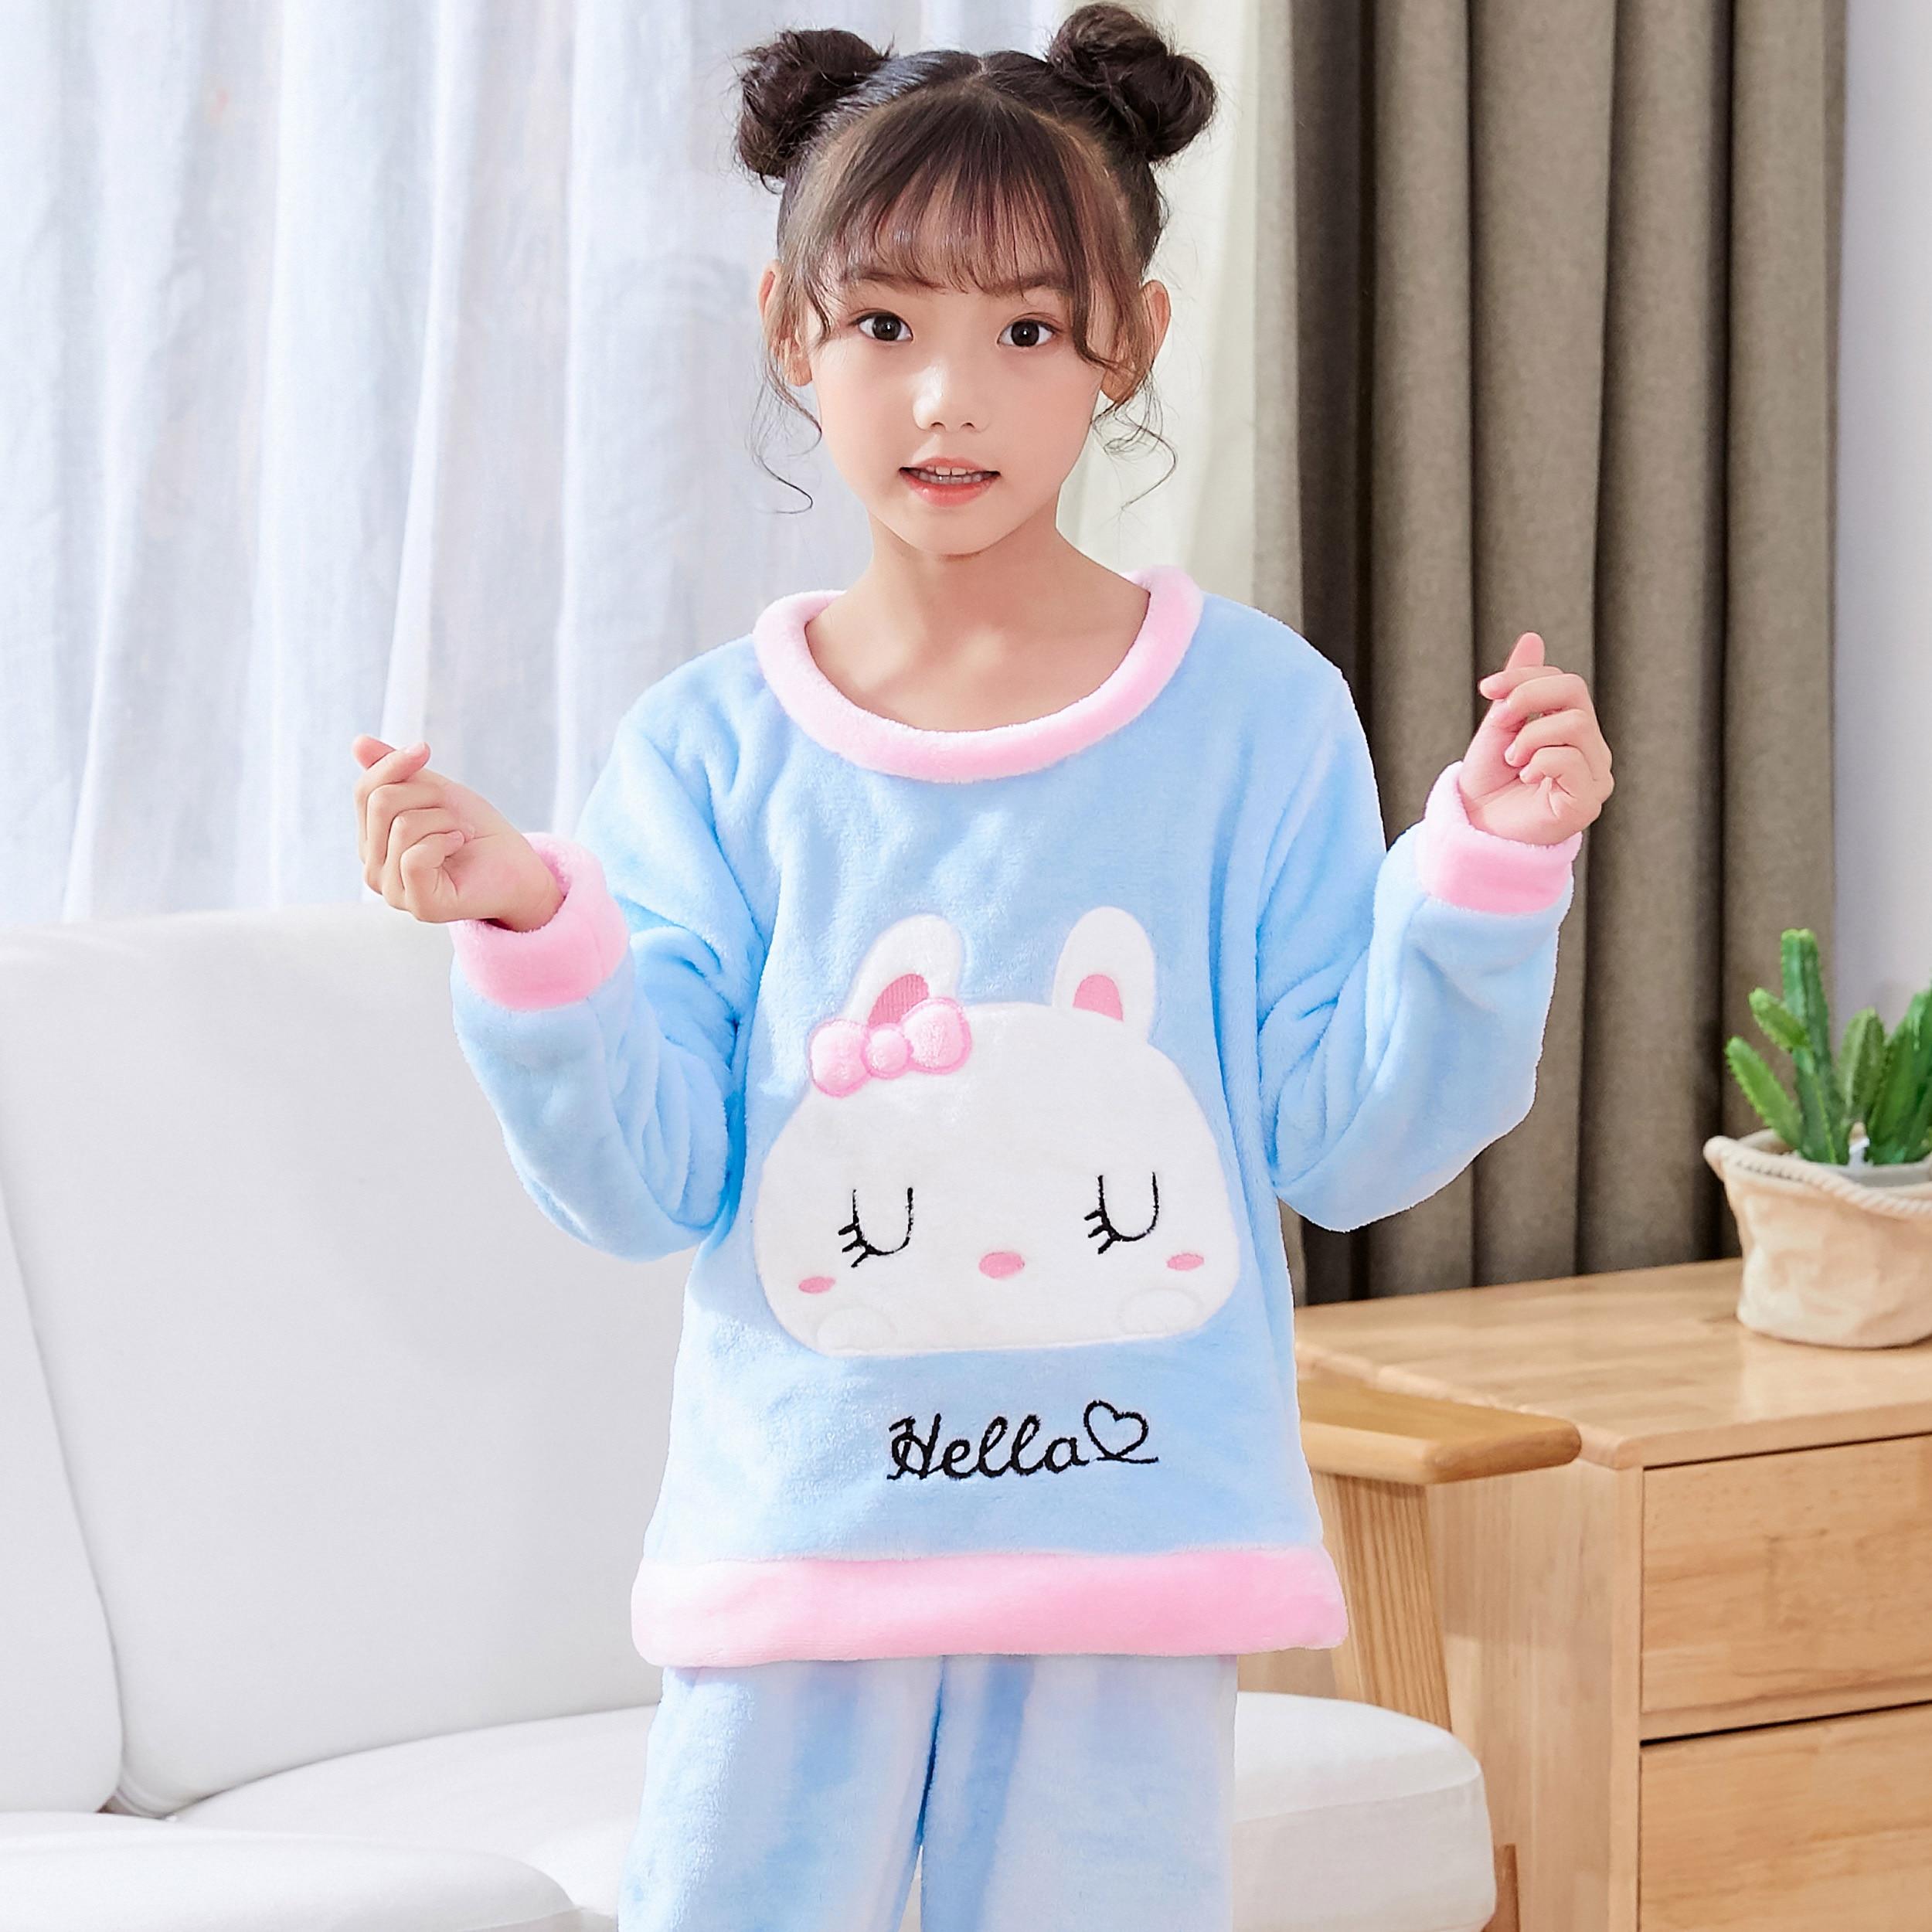 Новинка года; зимняя детская флисовая Пижама; теплая фланелевая одежда для сна; домашняя одежда для девочек из кораллового флиса; детская пижама; домашняя одежда; Пижама для мальчиков - Цвет: model 5